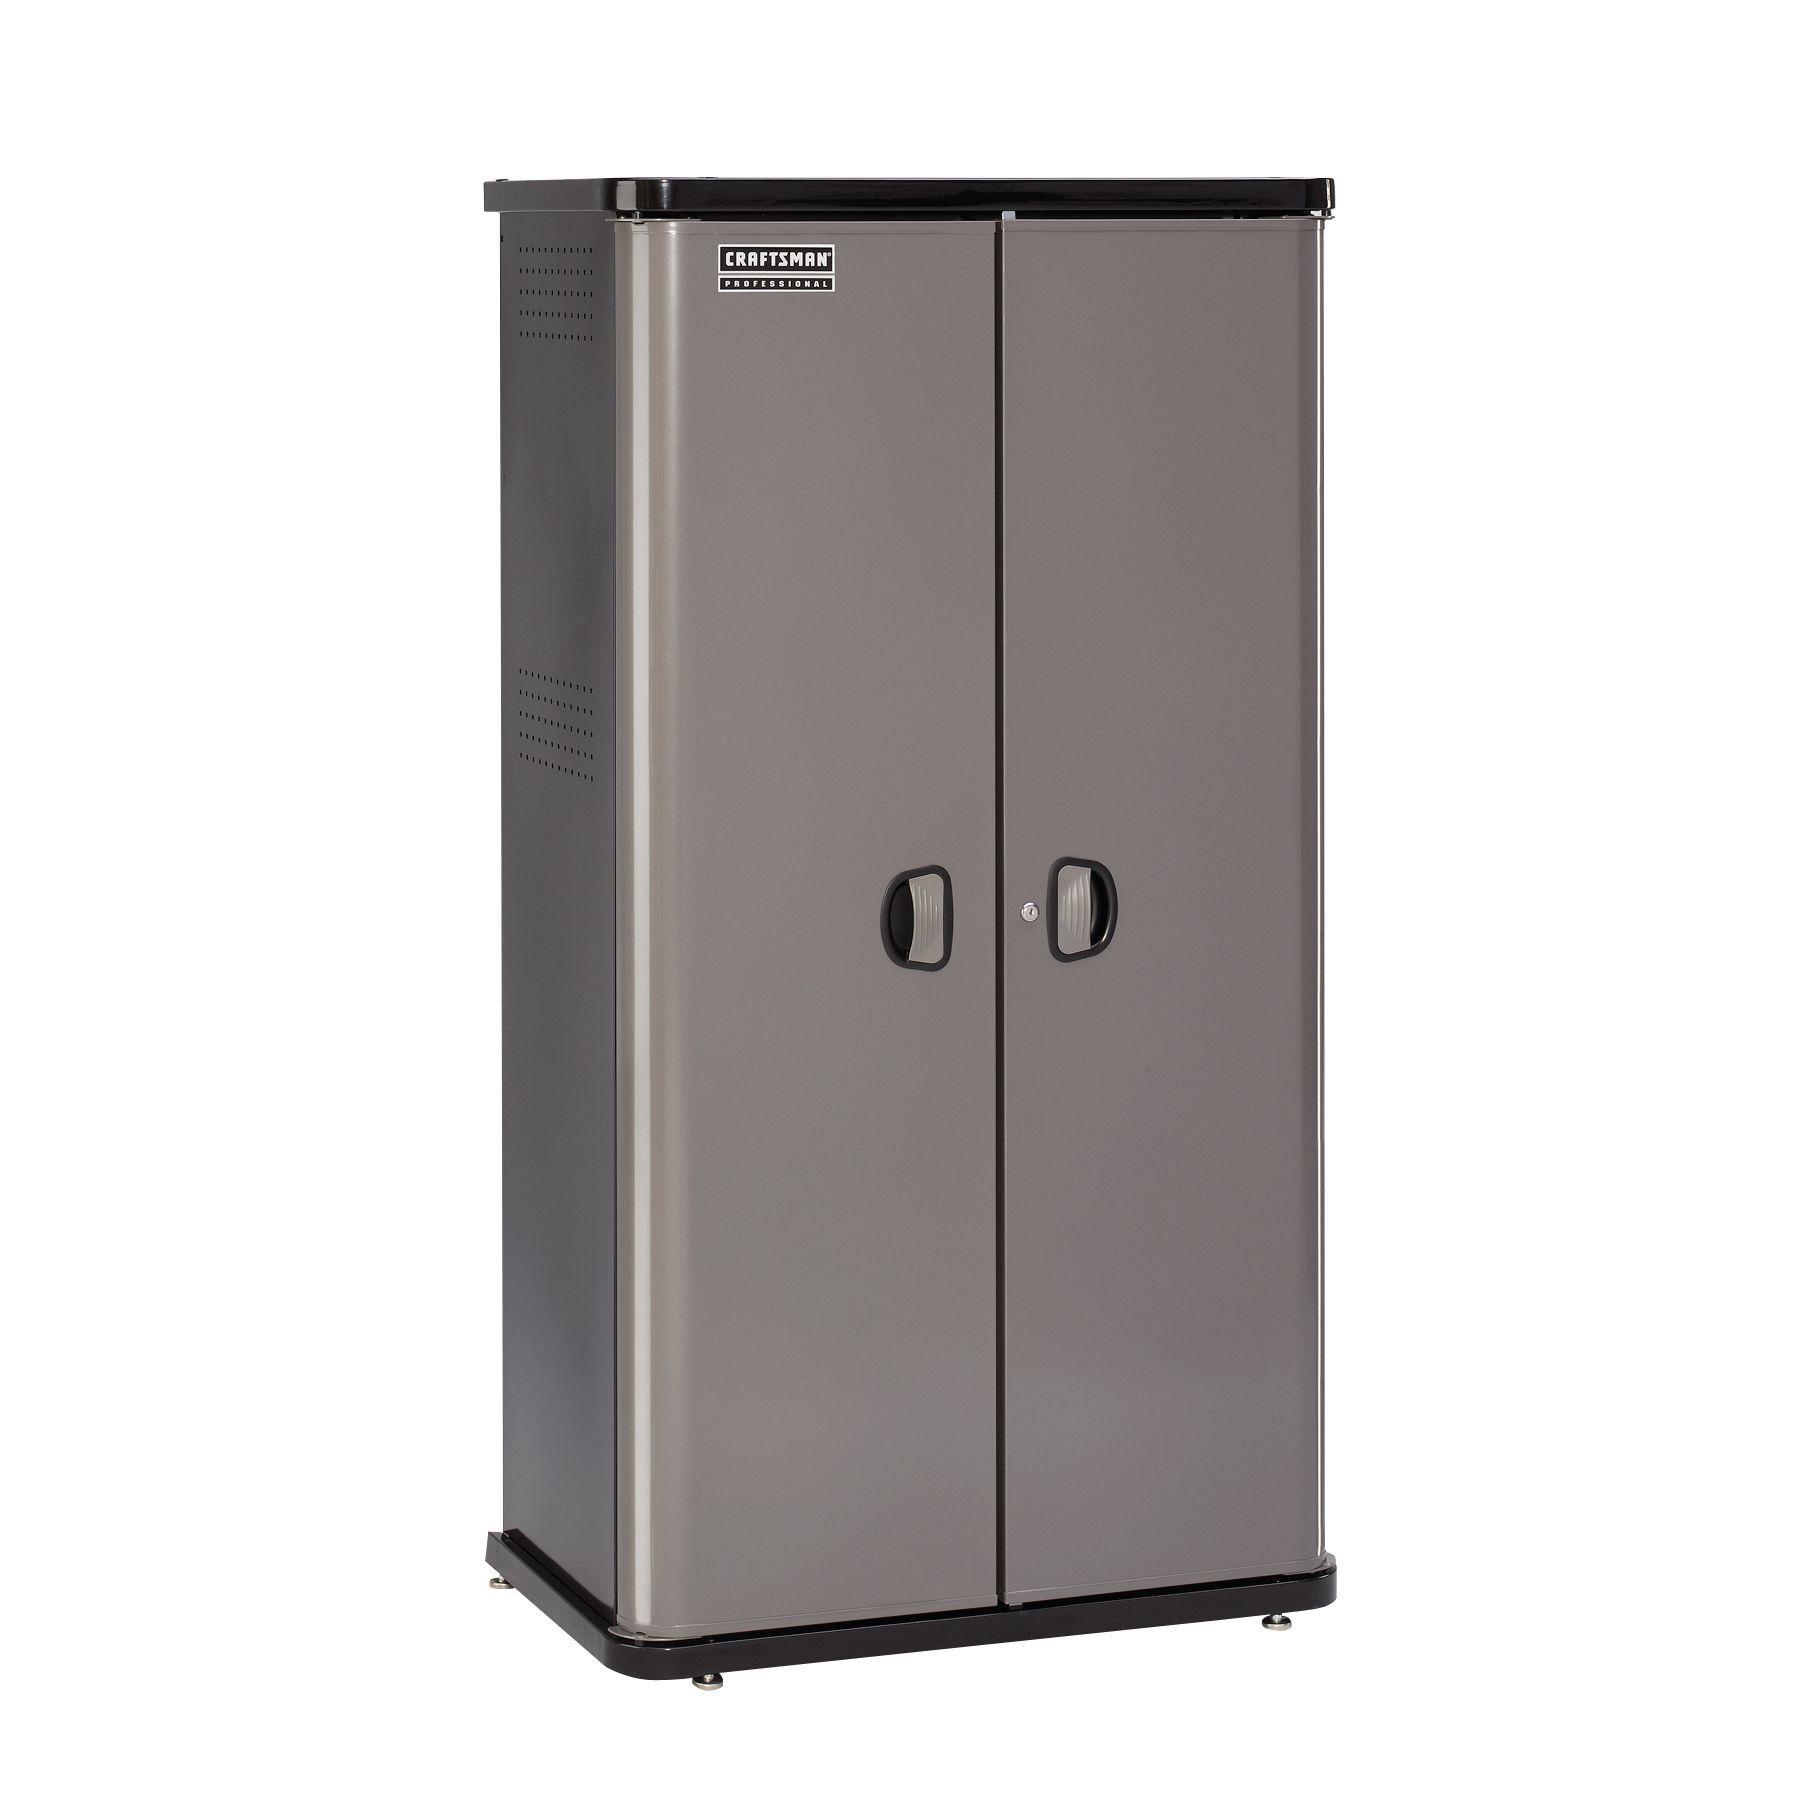 Storage Cabinet Steel Cabinets, Craftsman 72 2 Door Tall Floor Cabinet With Shelves